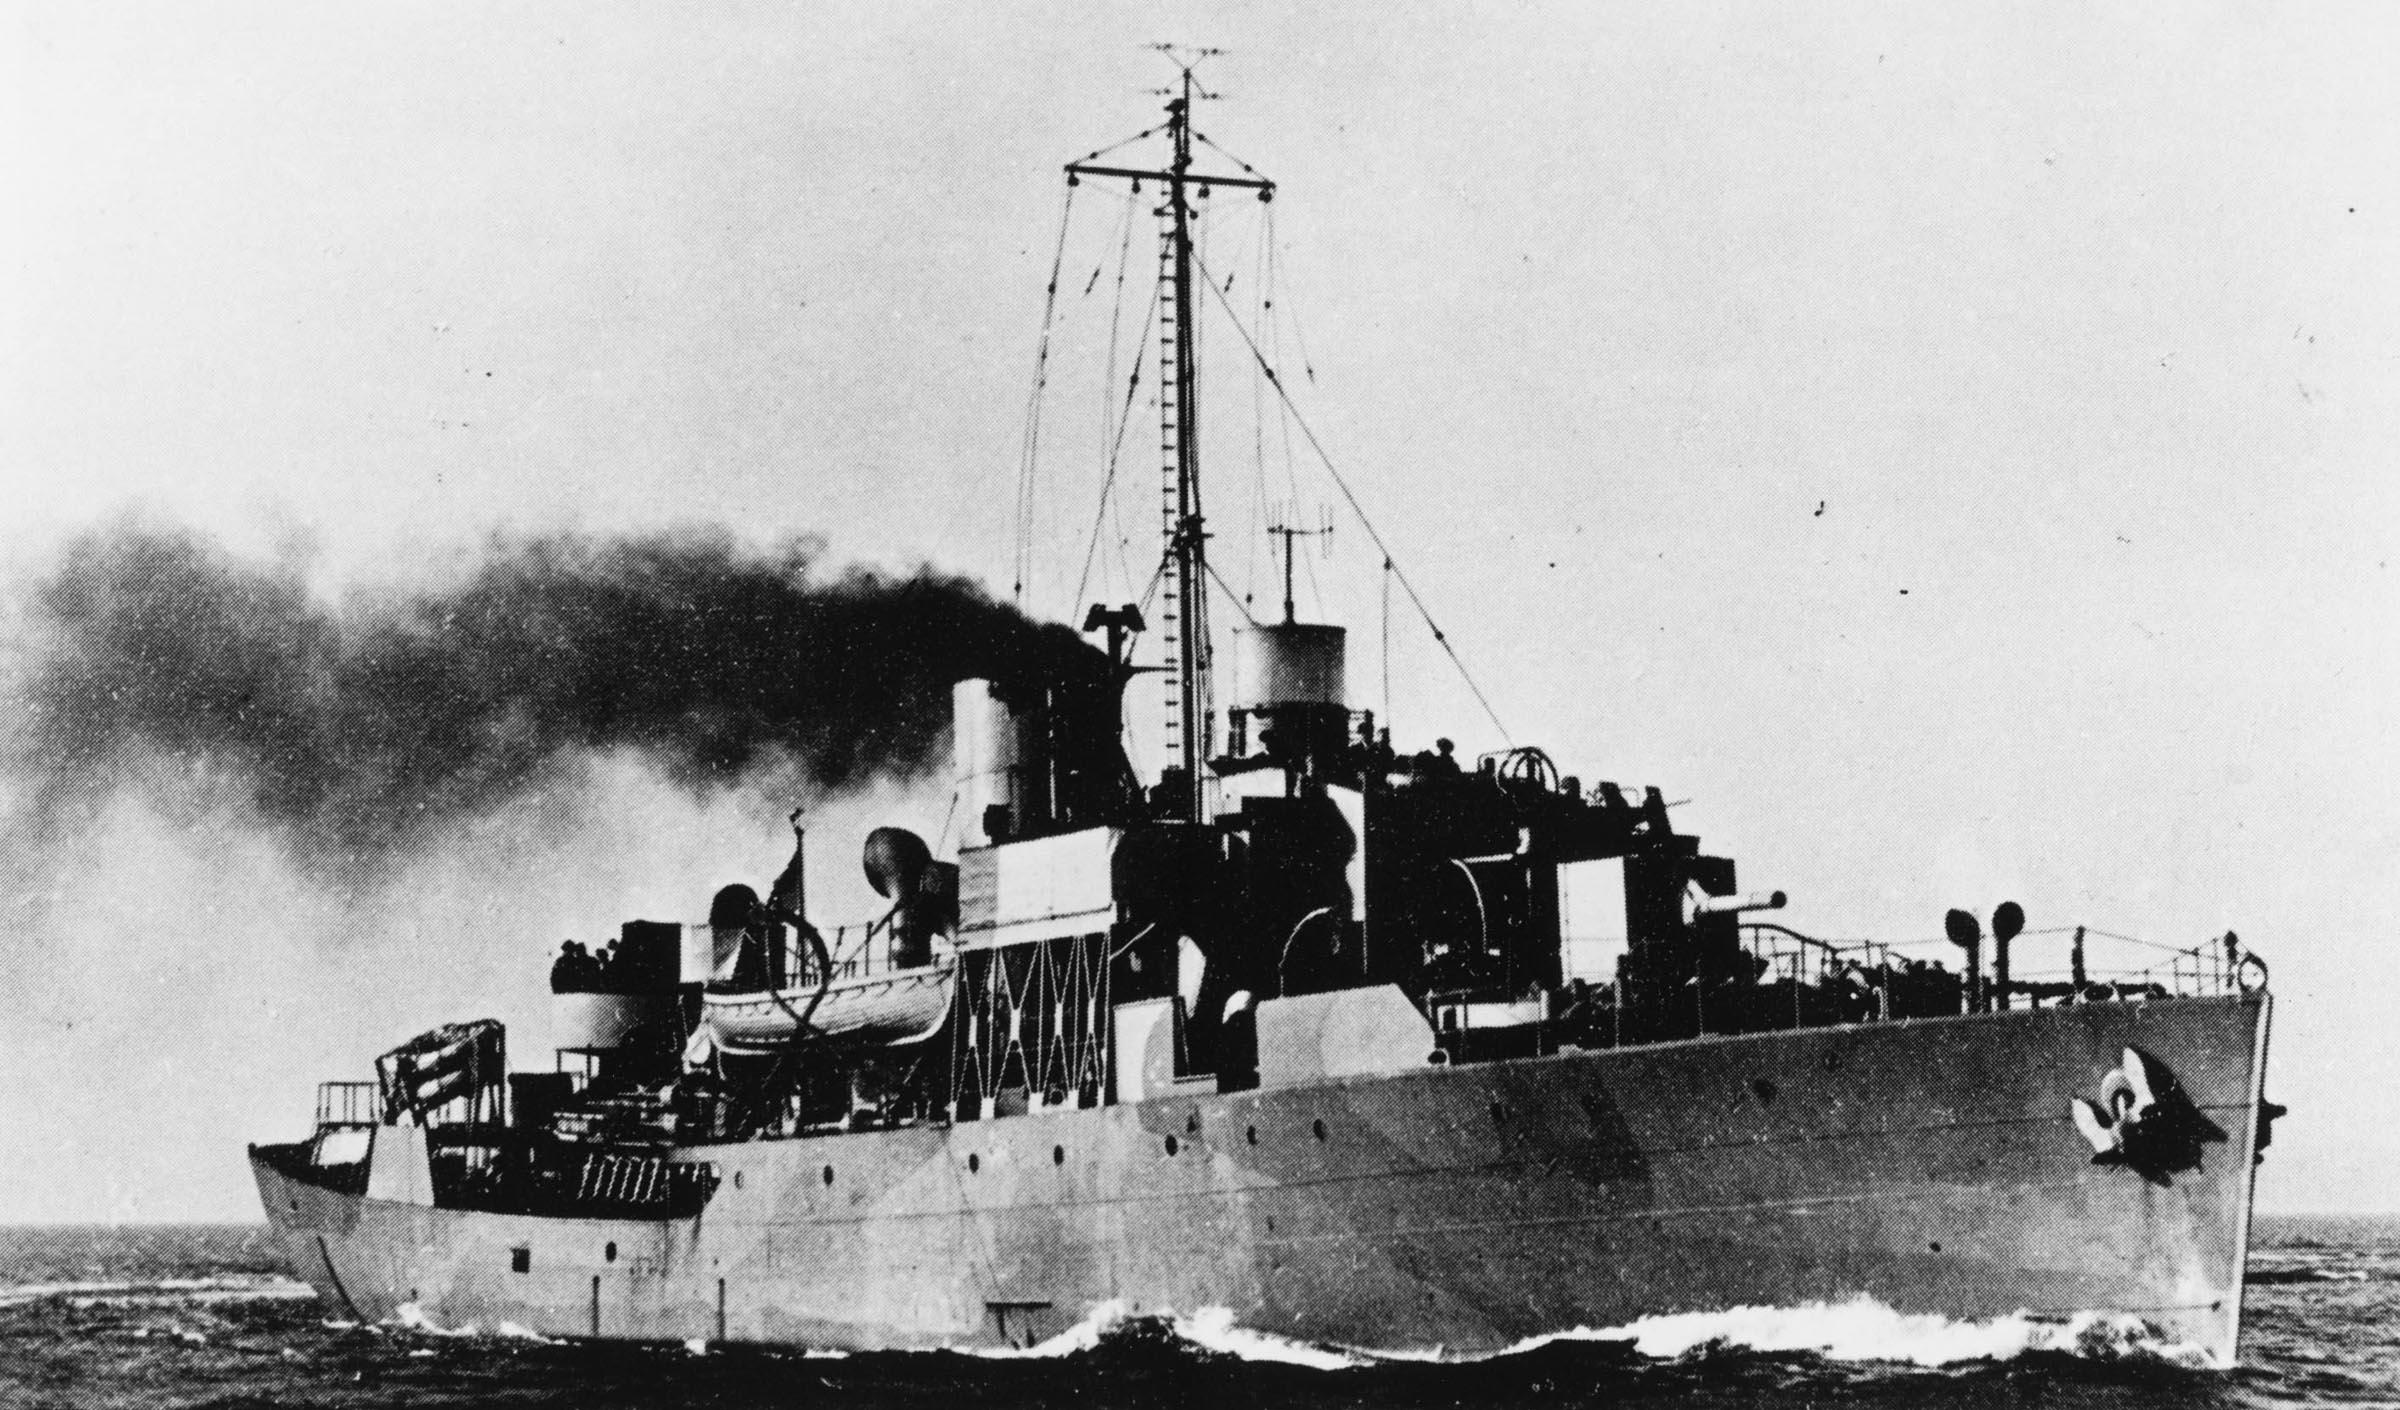 HMCS DAWSON